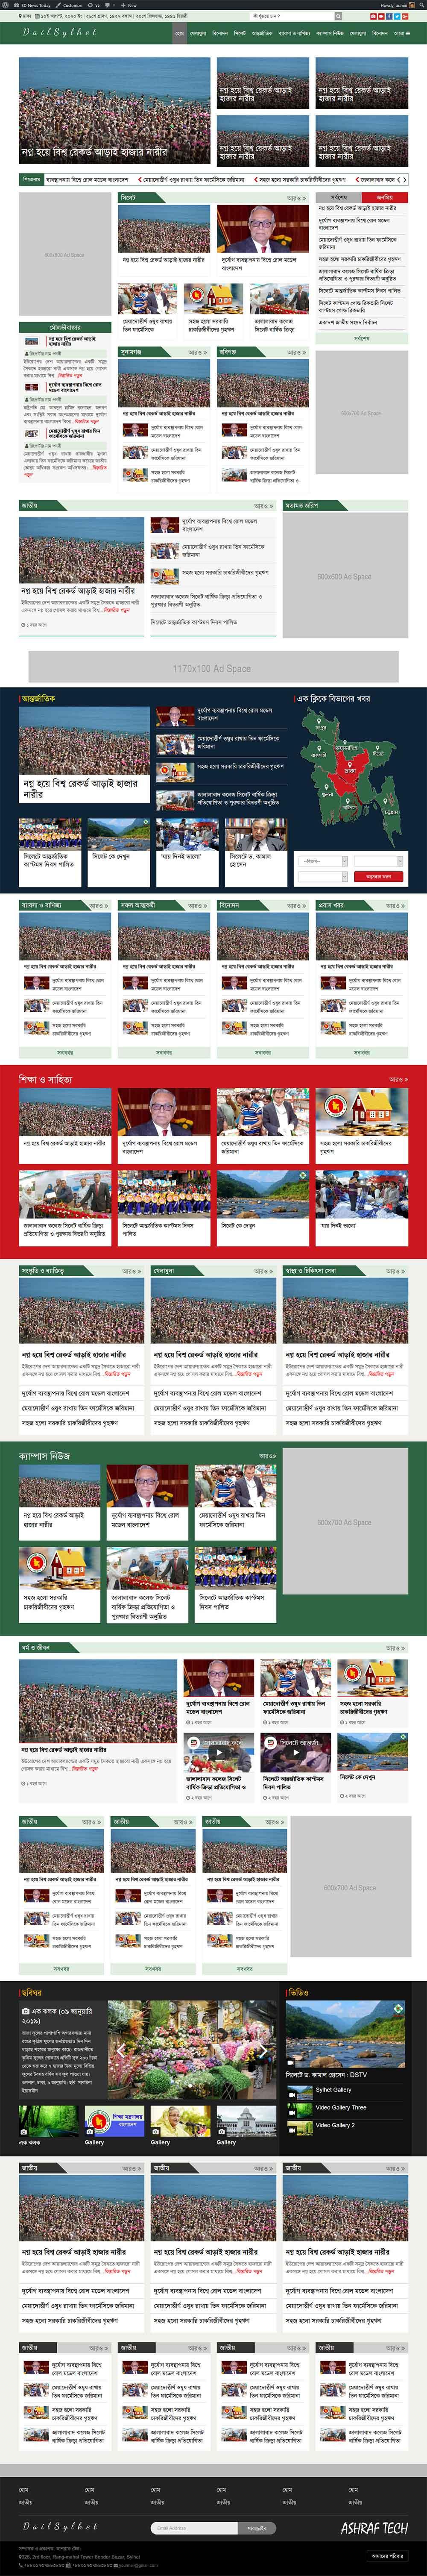 WordPress News Theme (Qualified News)